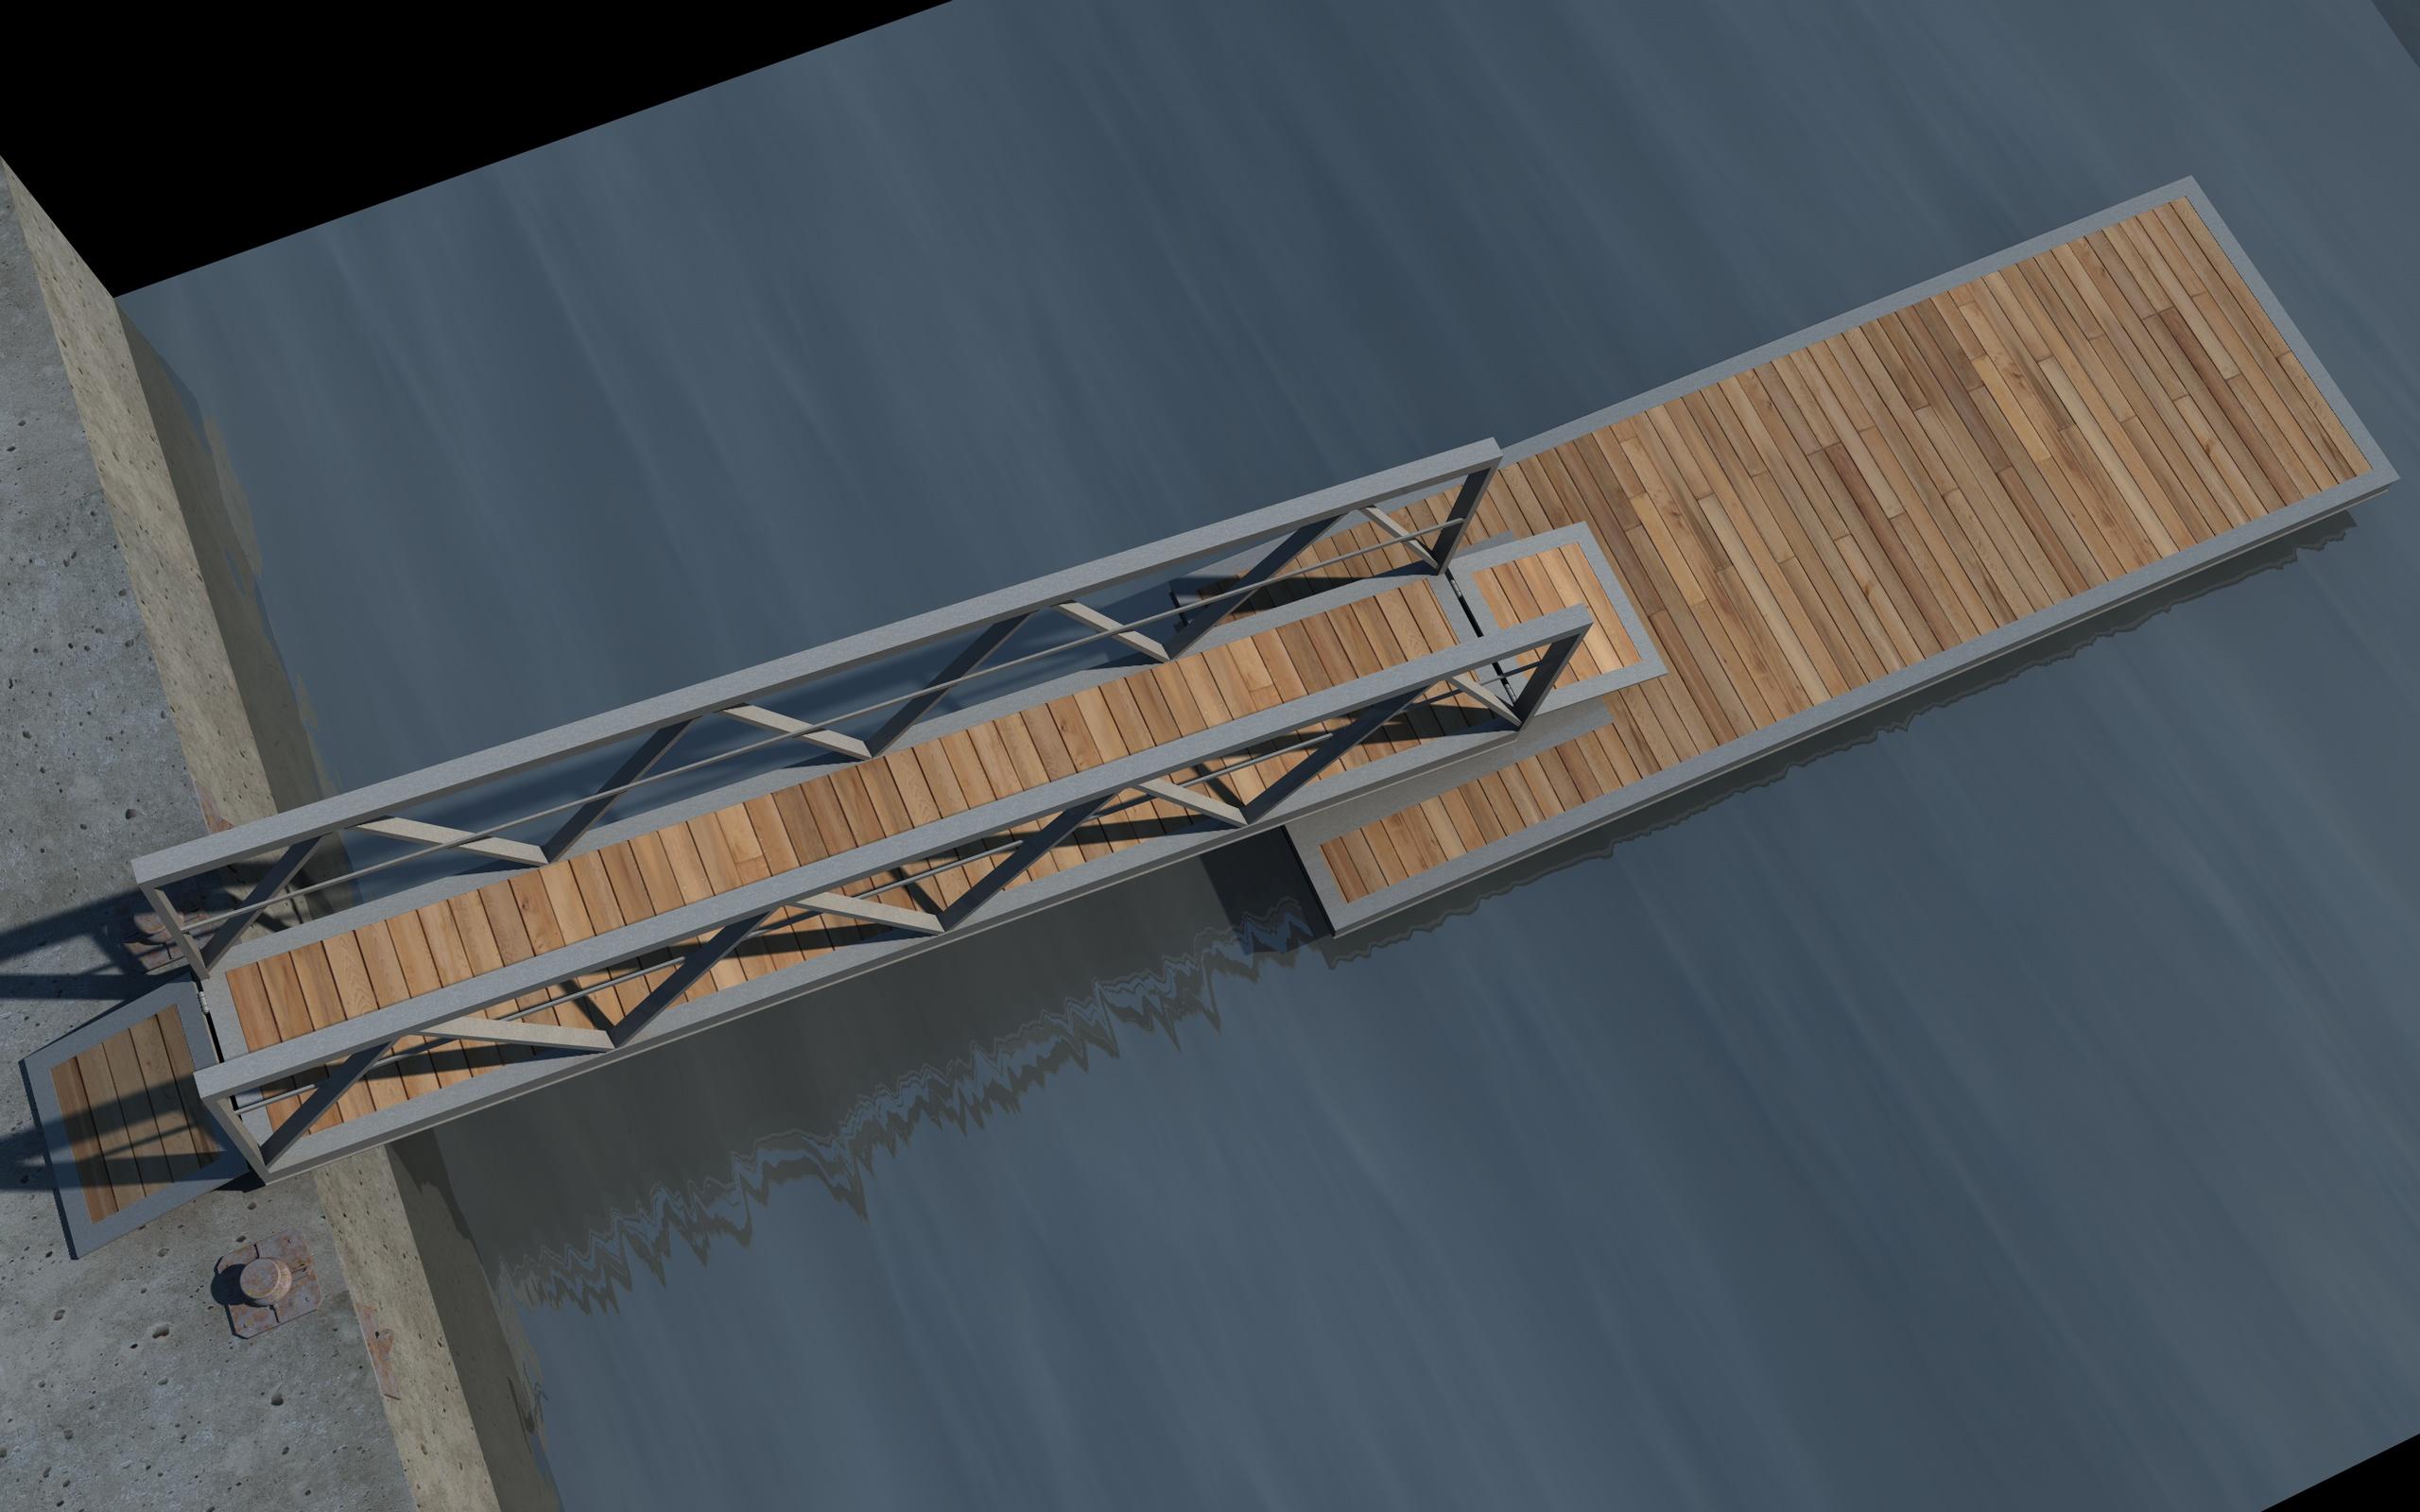 boat pier dock 3d model 3ds dxf fbx c4d skp obj 148412